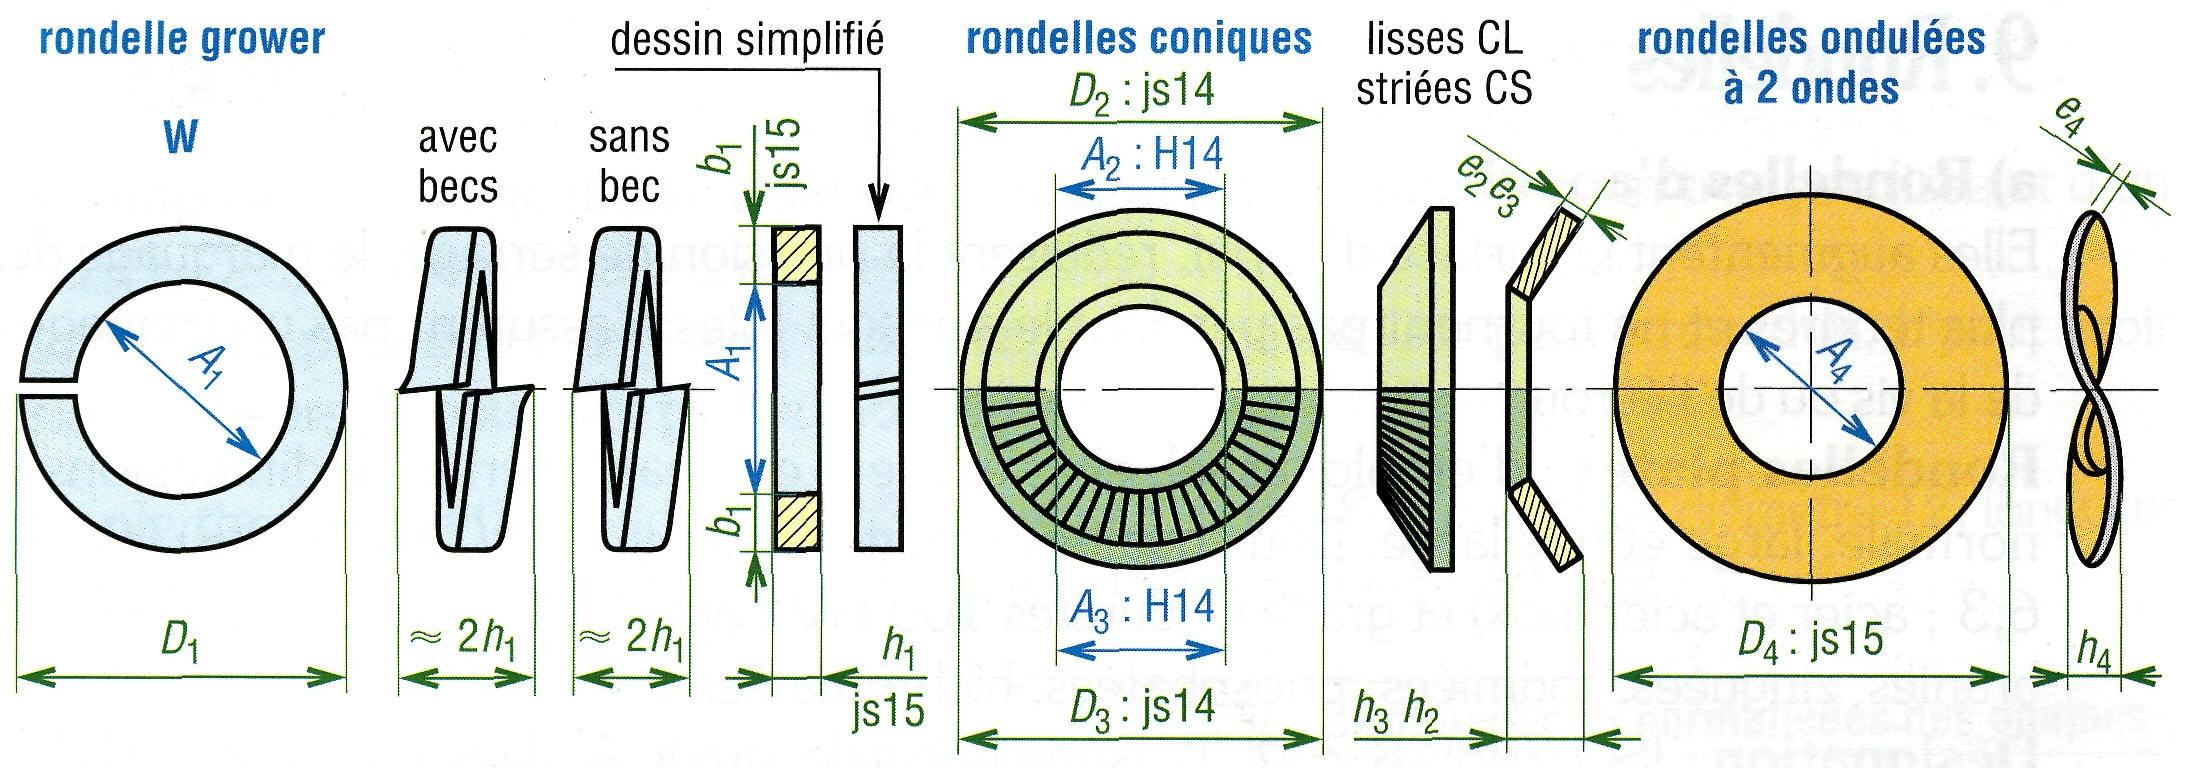 Différentes Rondelles Vis Express Visserie Et Boulonnerie Pro